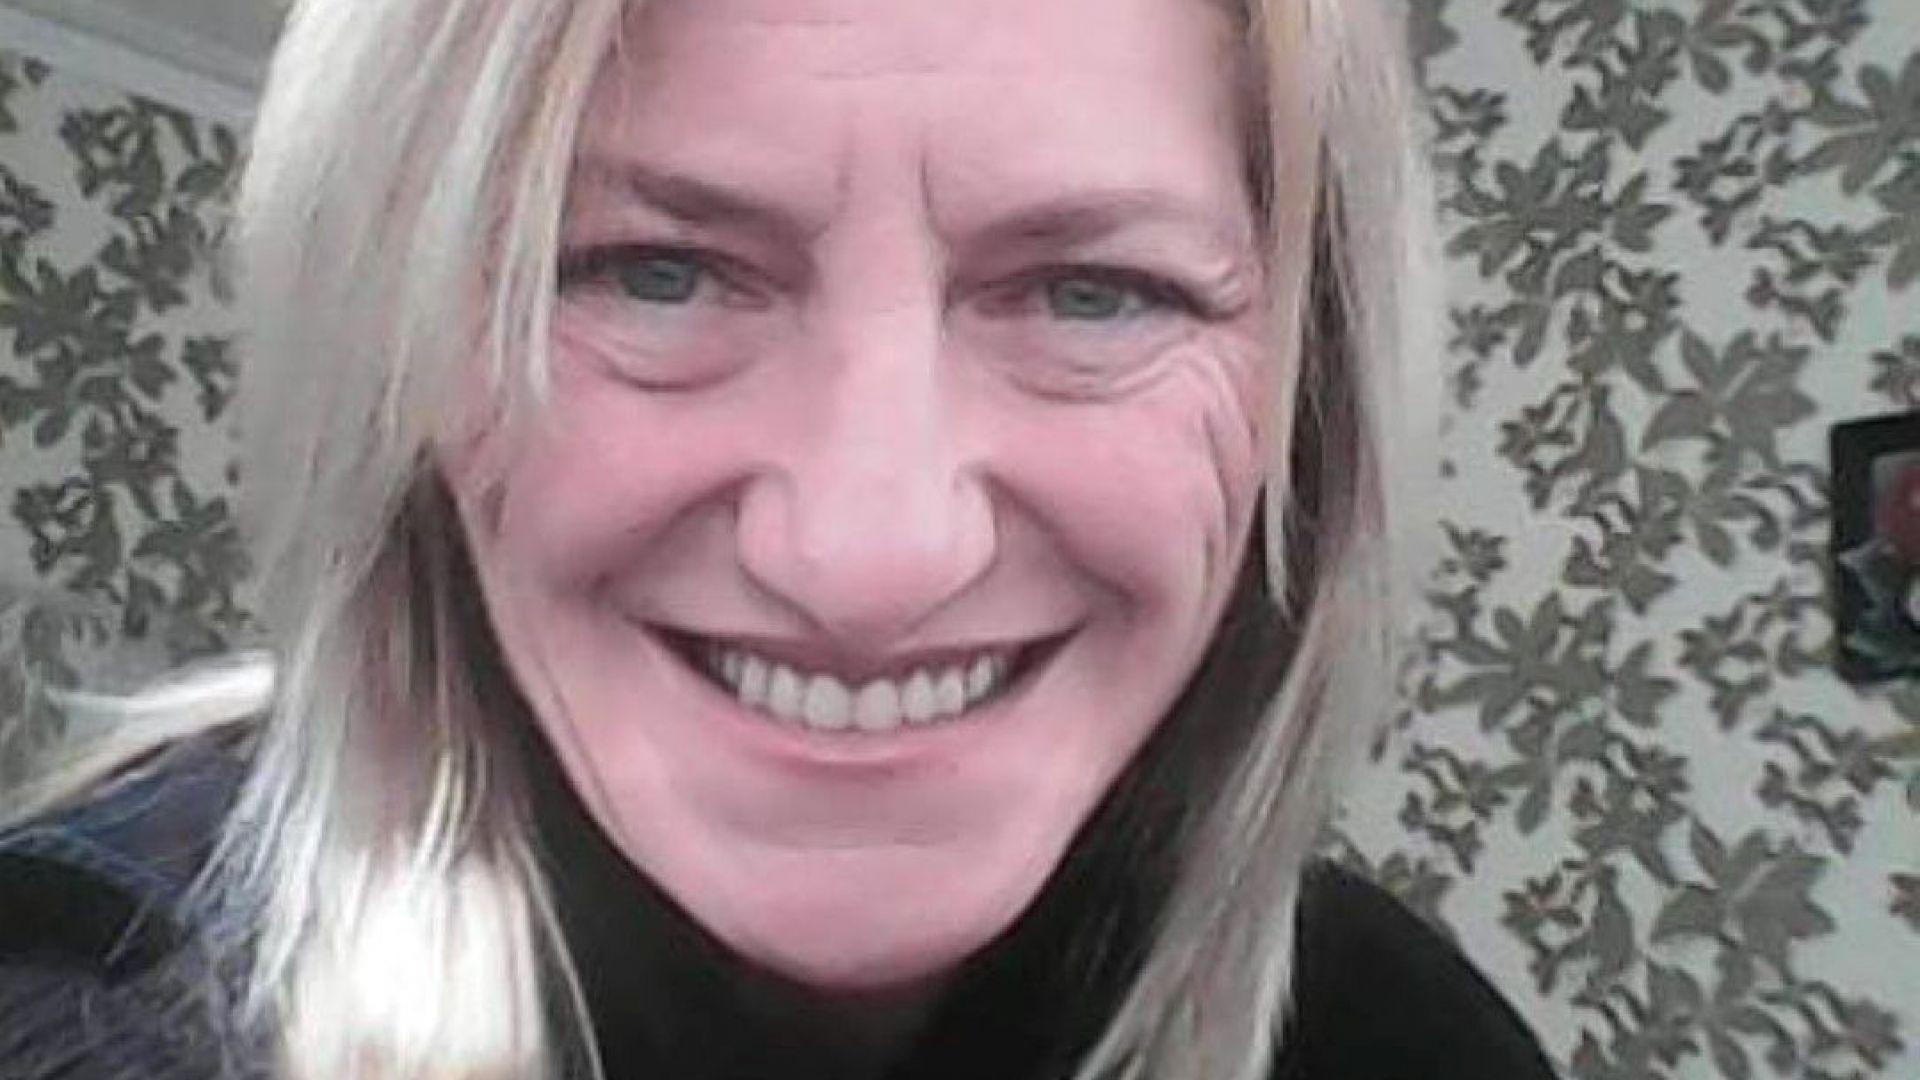 Светла: Има бивши наркомани, но изборът, който направих, ми струваше 30 г. изгубена младост